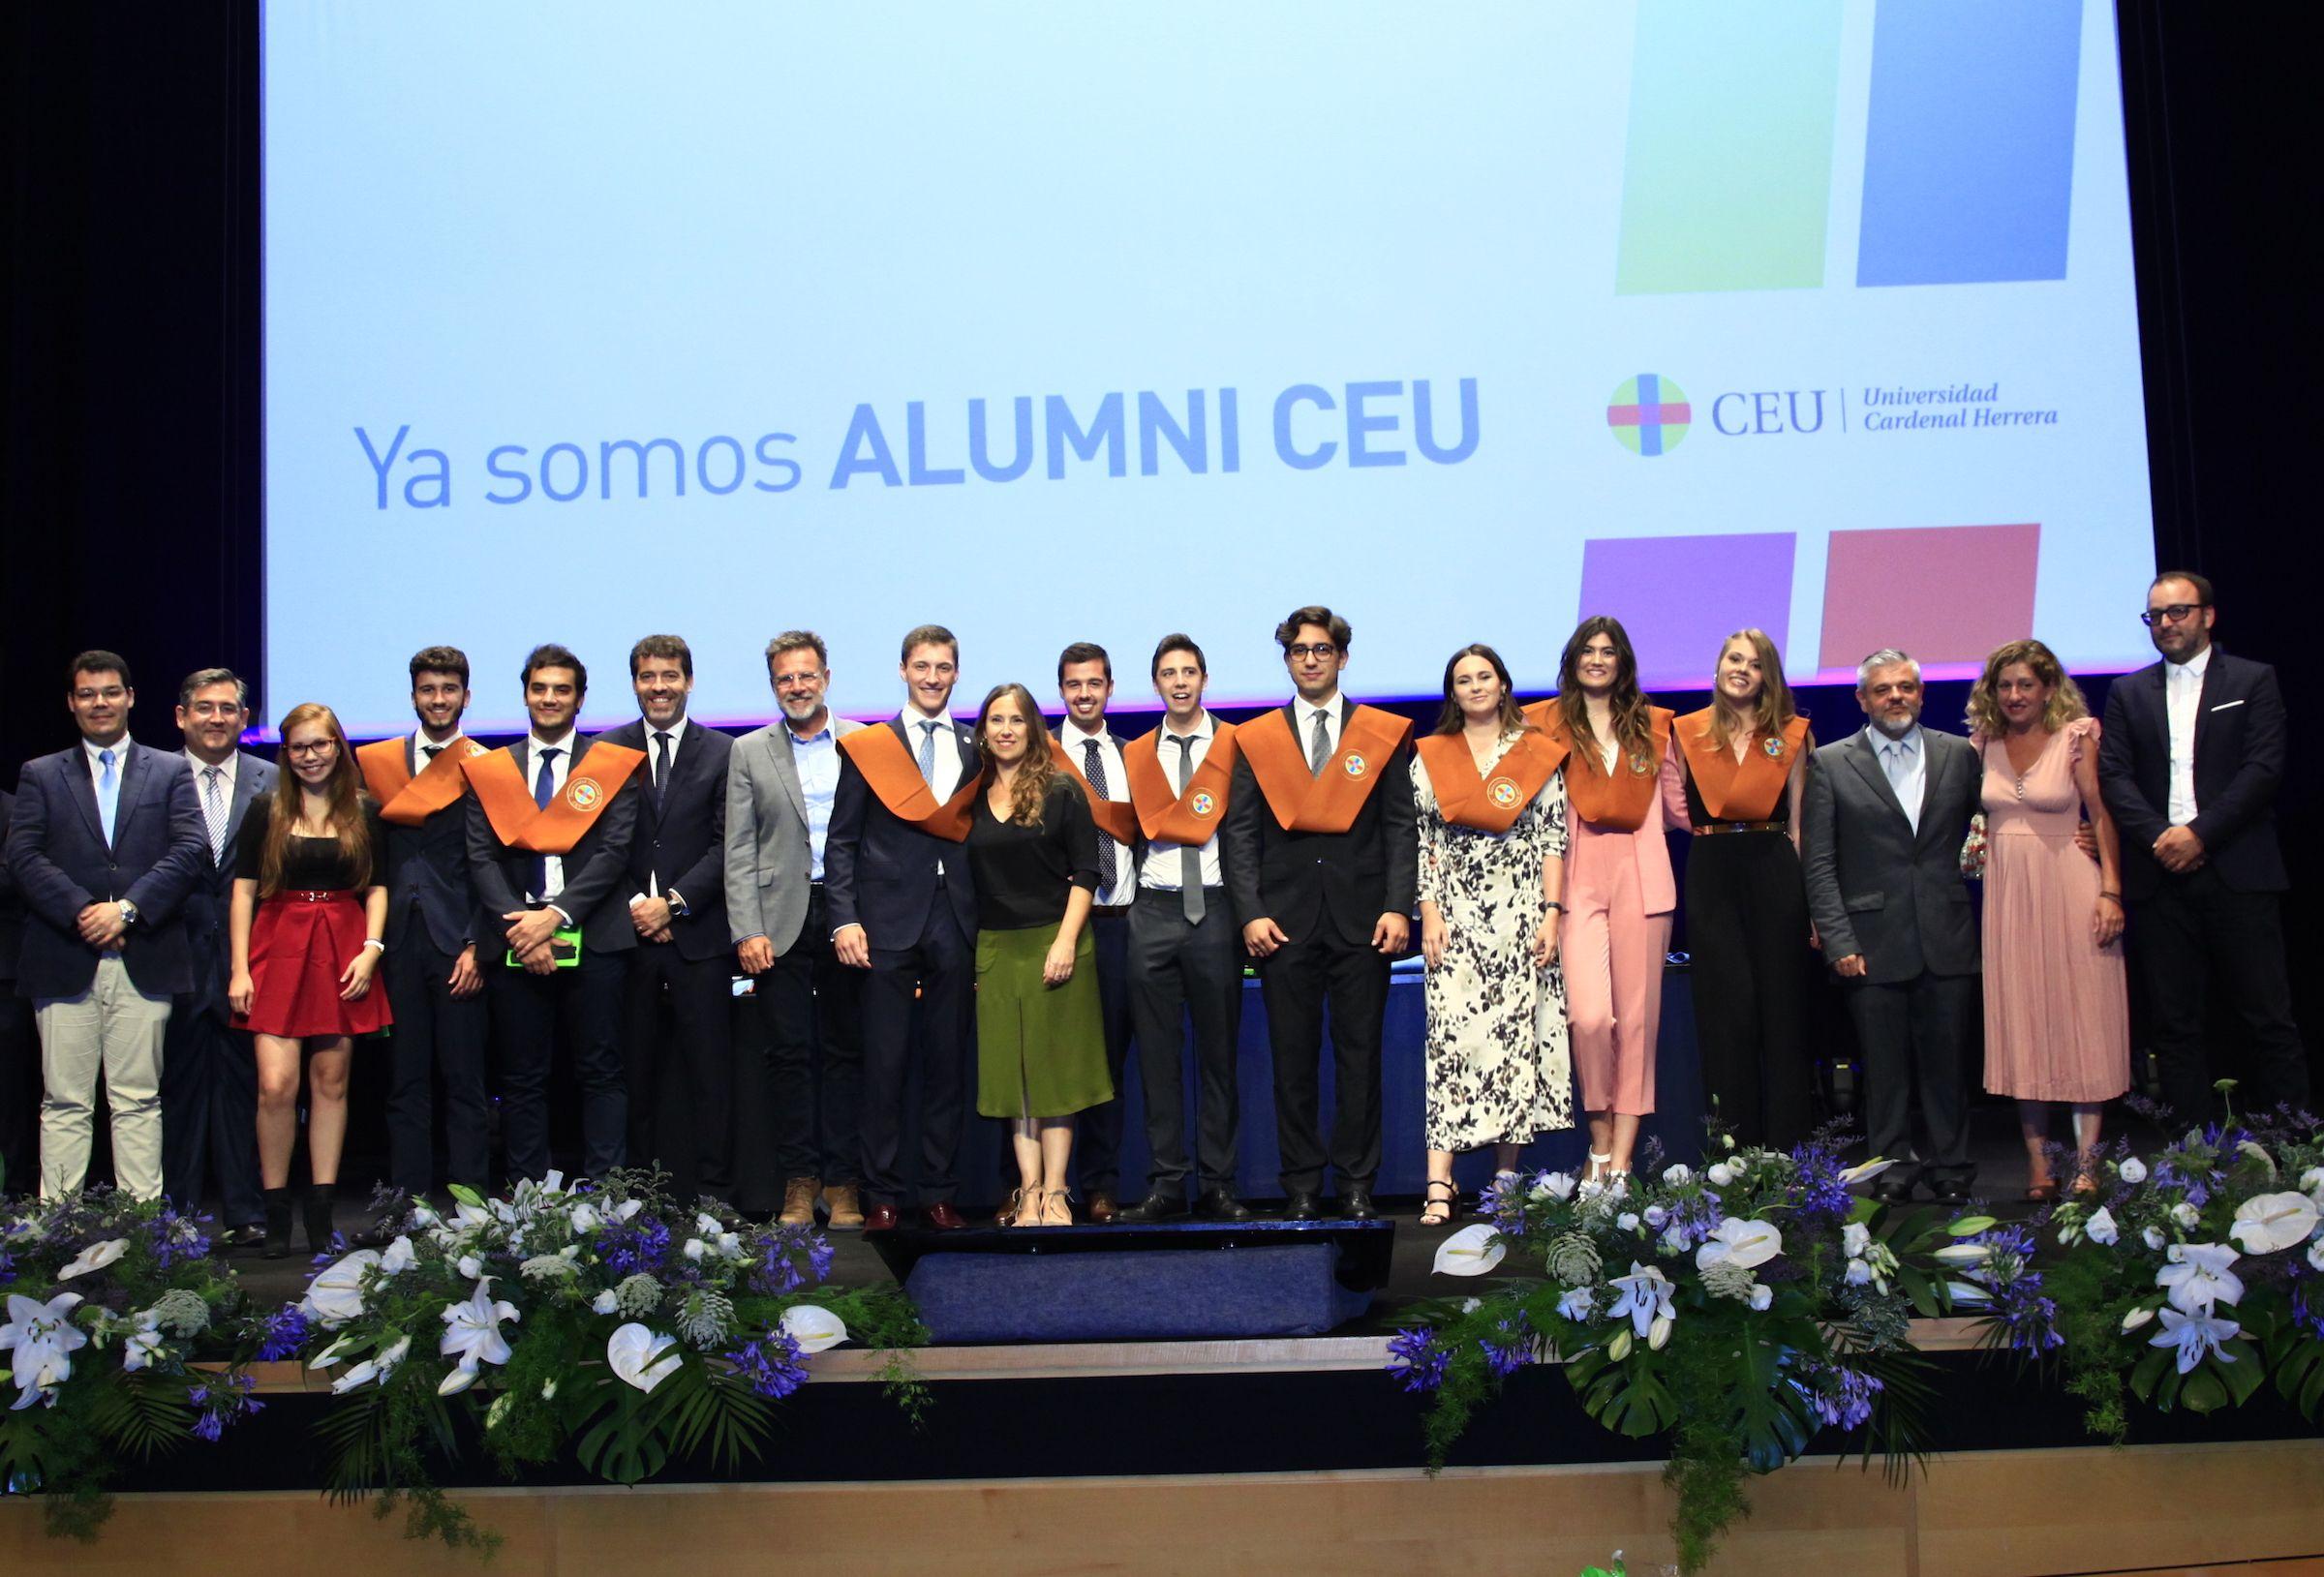 XX Promoción de Ingeniería del Diseño Industrial y Desarrollo de Productos de la CEU UCH.